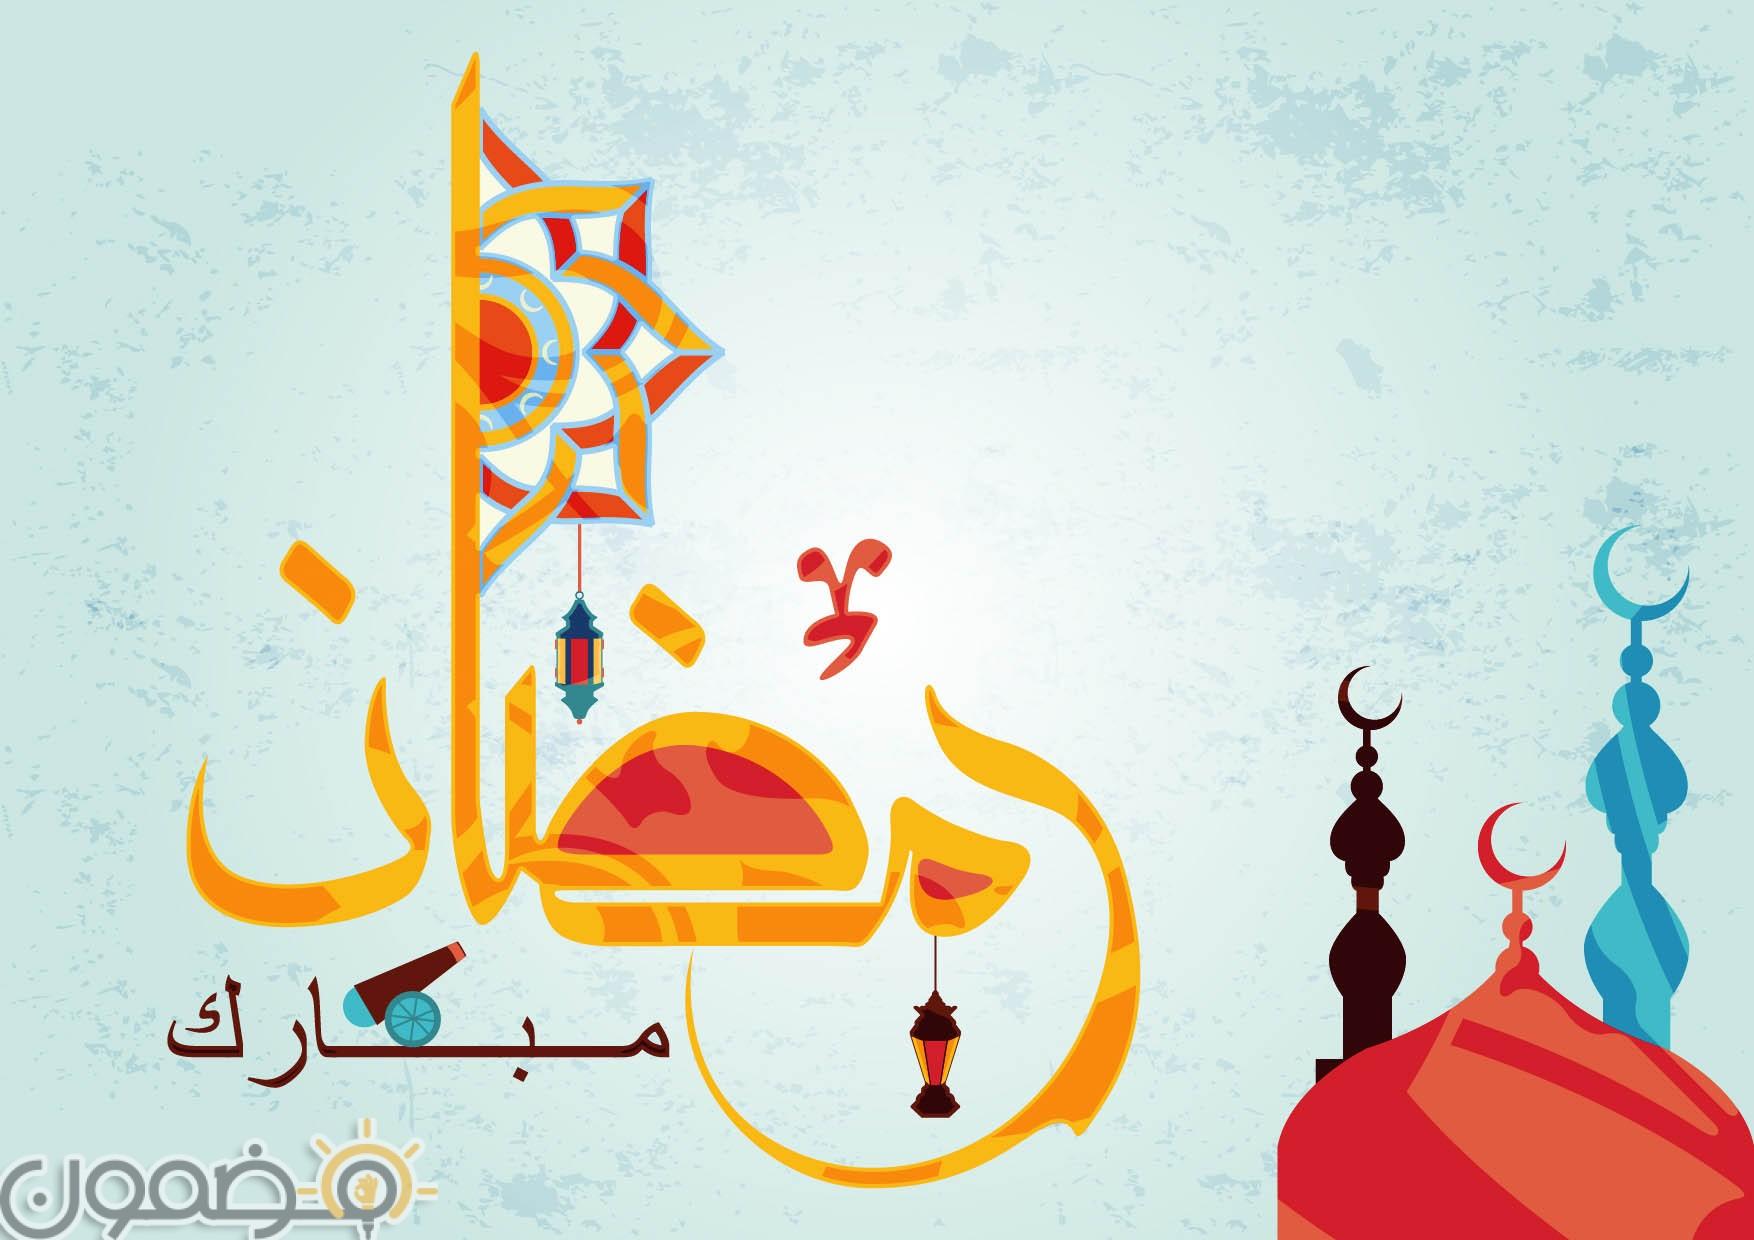 خلفيات رمضان مبارك 2 خلفيات رمضان مبارك صور رمضانية جديدة